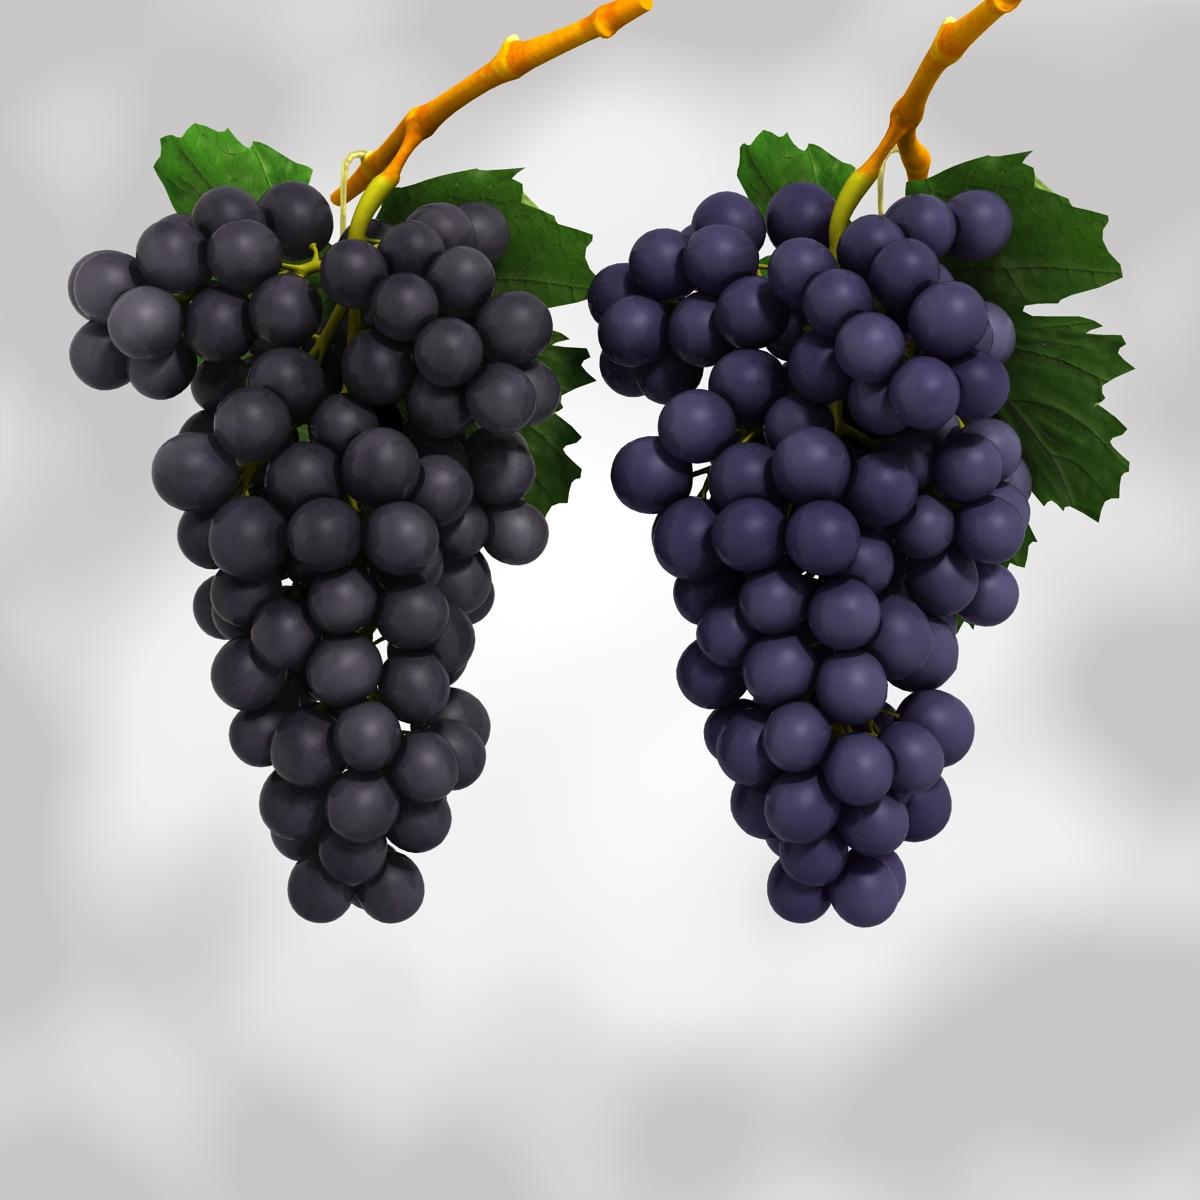 vínber svart og blátt 3d líkan 3ds max fbx c4d obj 204266